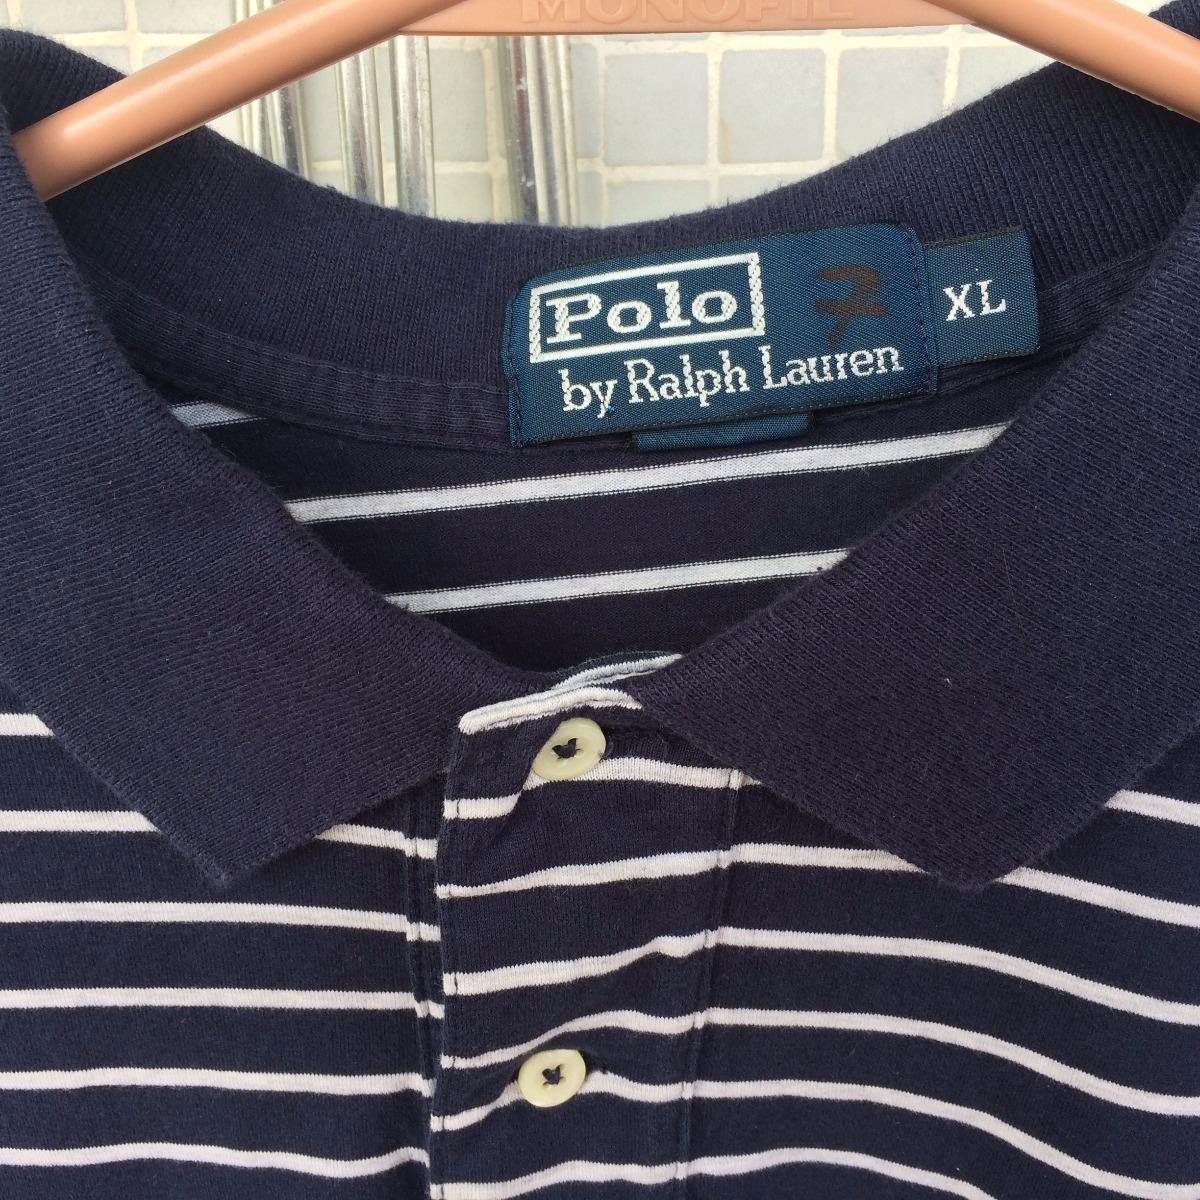 camisa polo ralfh lauren azul com listras brancas xl usada. Carregando zoom. dbe1f3fd86f01